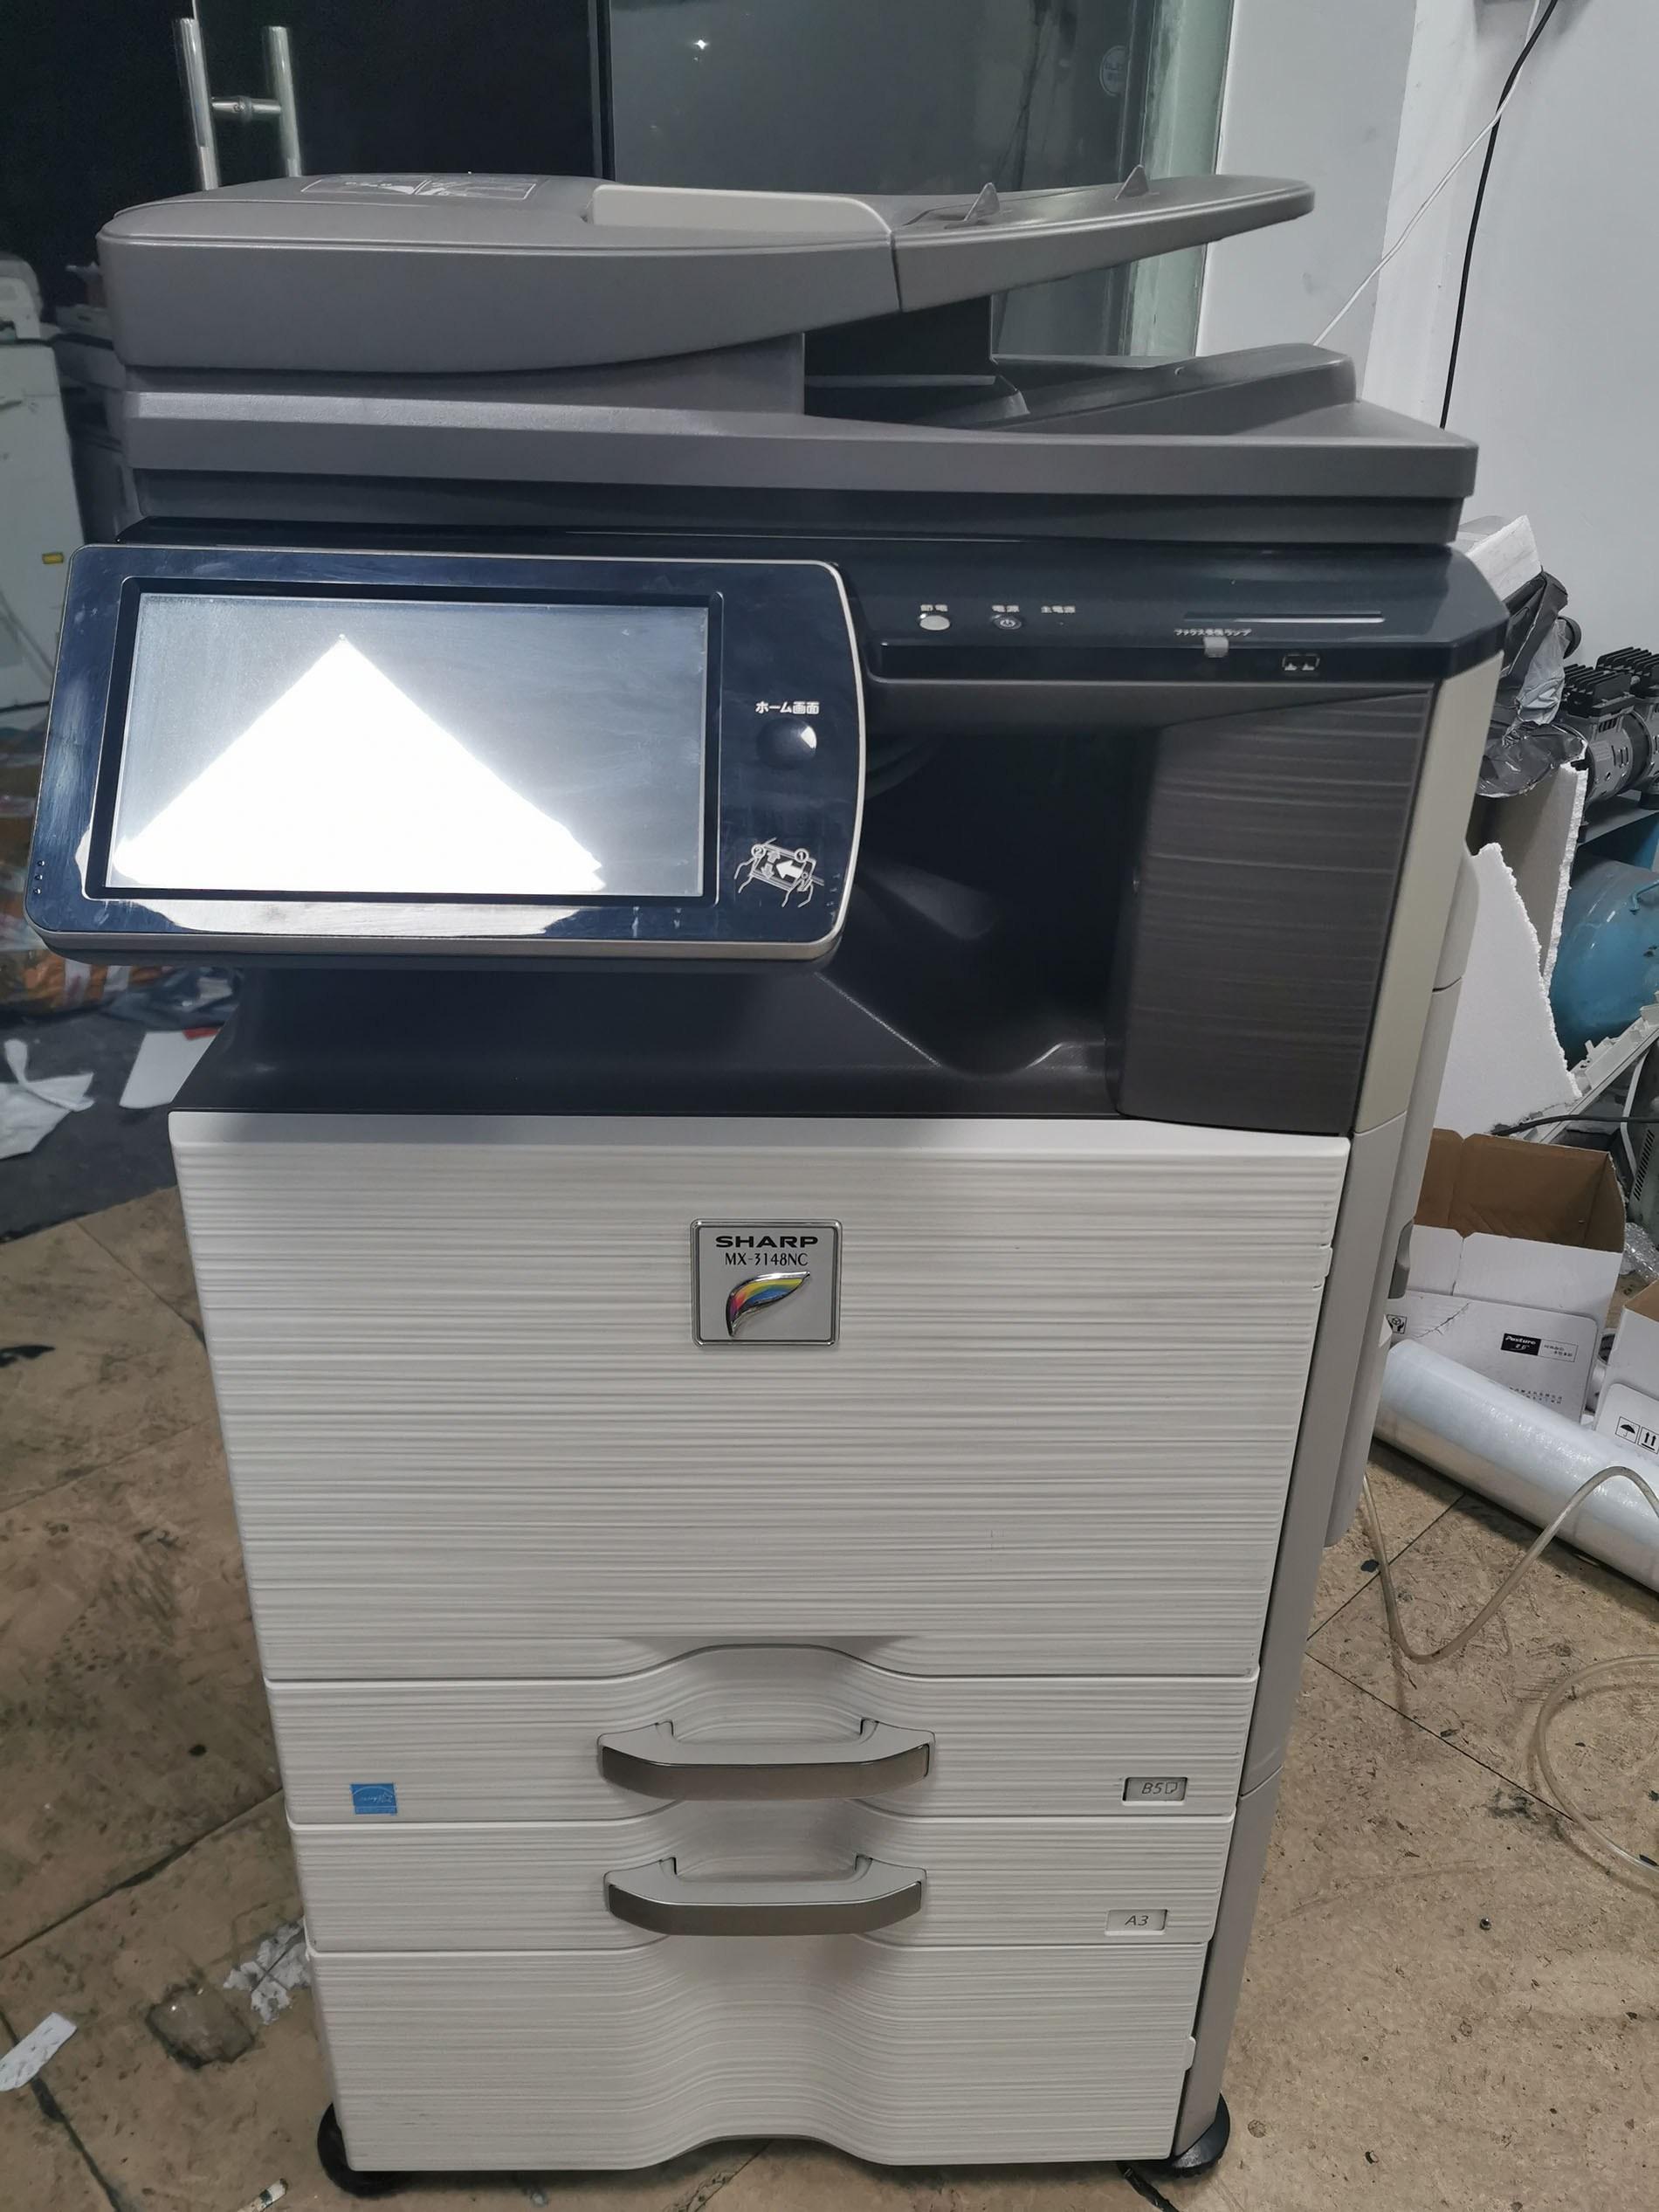 컬러레이저복합기 SHARP MX2610/2640.3111/4110 5141/A3컬러 프린트 복사기 복합 일체형 레이저, T05-세트 5(2640/3140)26/31분 wif기능